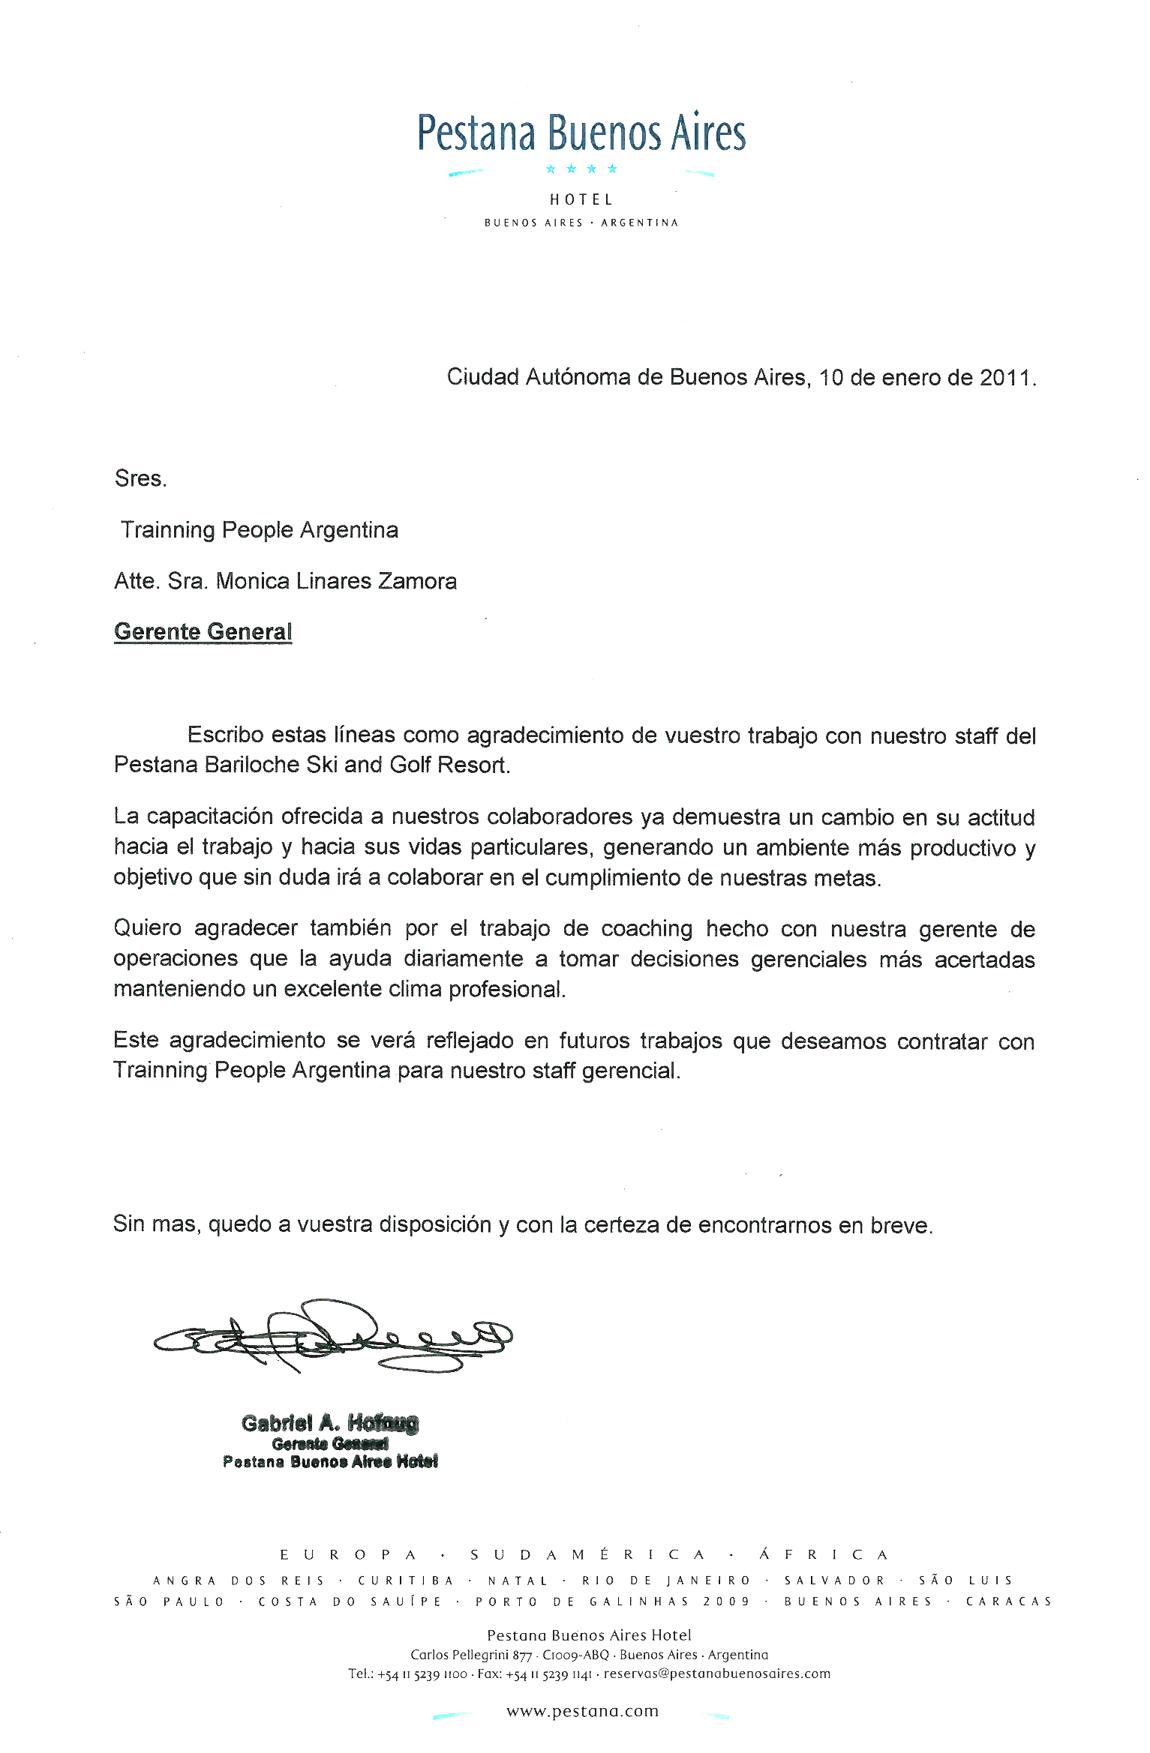 2 REFERENCIA PESTANA 2011